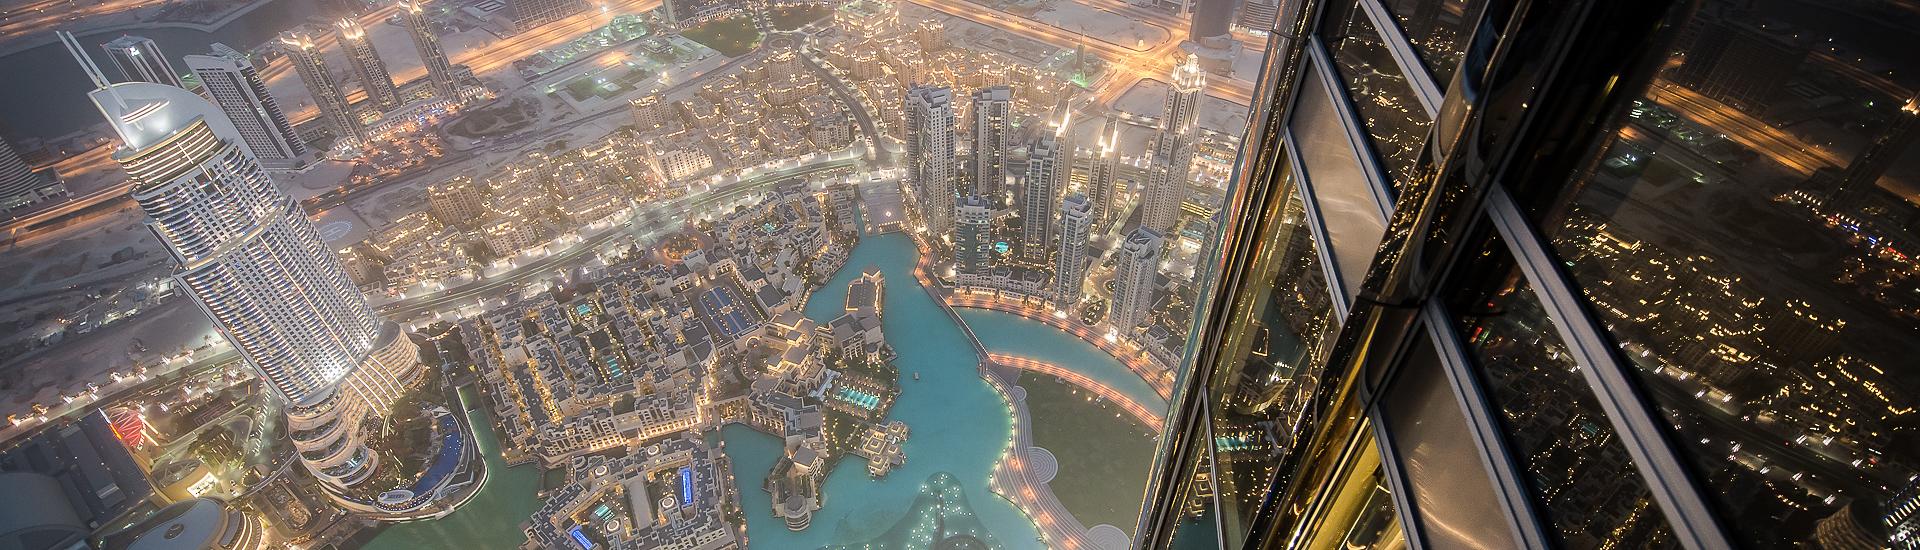 Unsere schönsten Bilder aus Dubai - Reiseblog Travelography